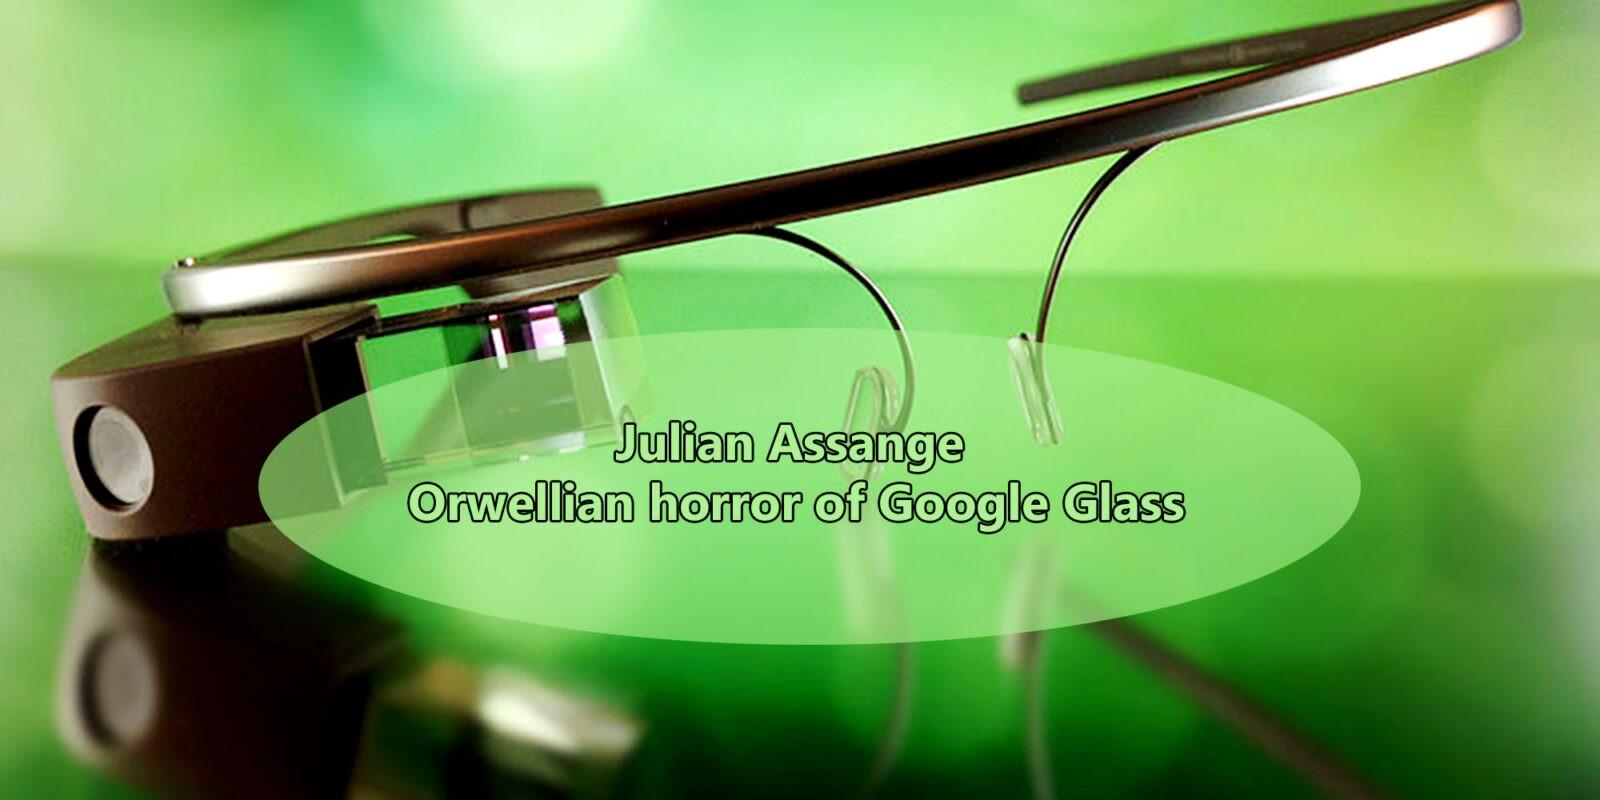 Julian Assange: 'Orwellian horror' of Google Glass